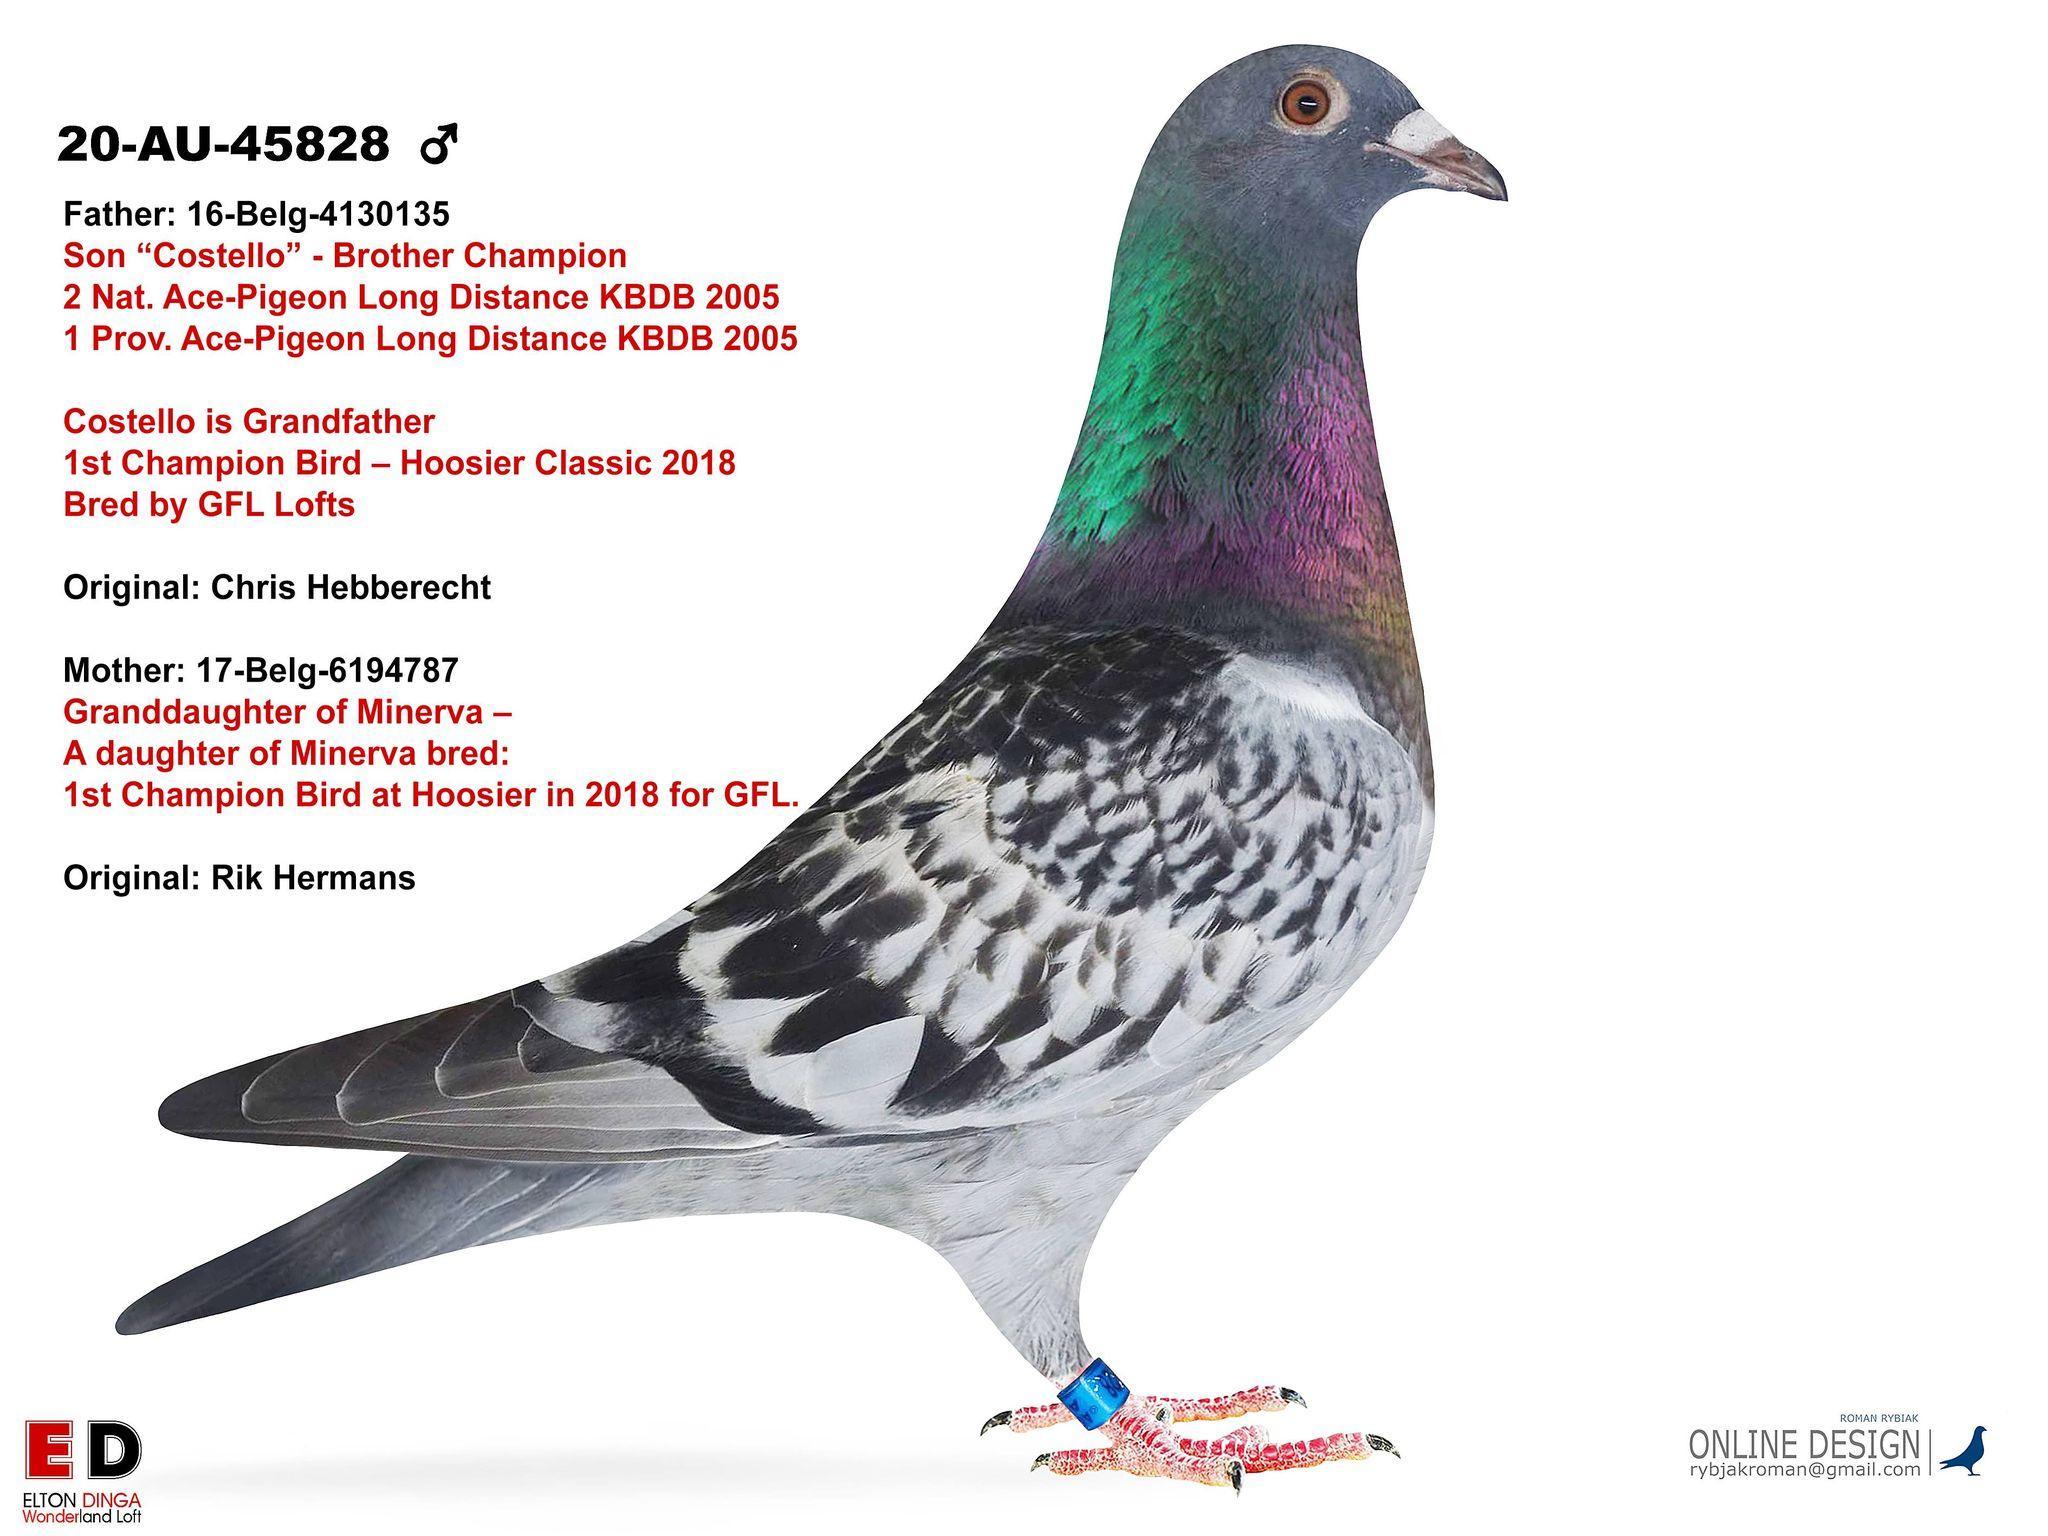 Cousin to Champion Bird - Hoosier 2018 for GFL 45828 - Cock